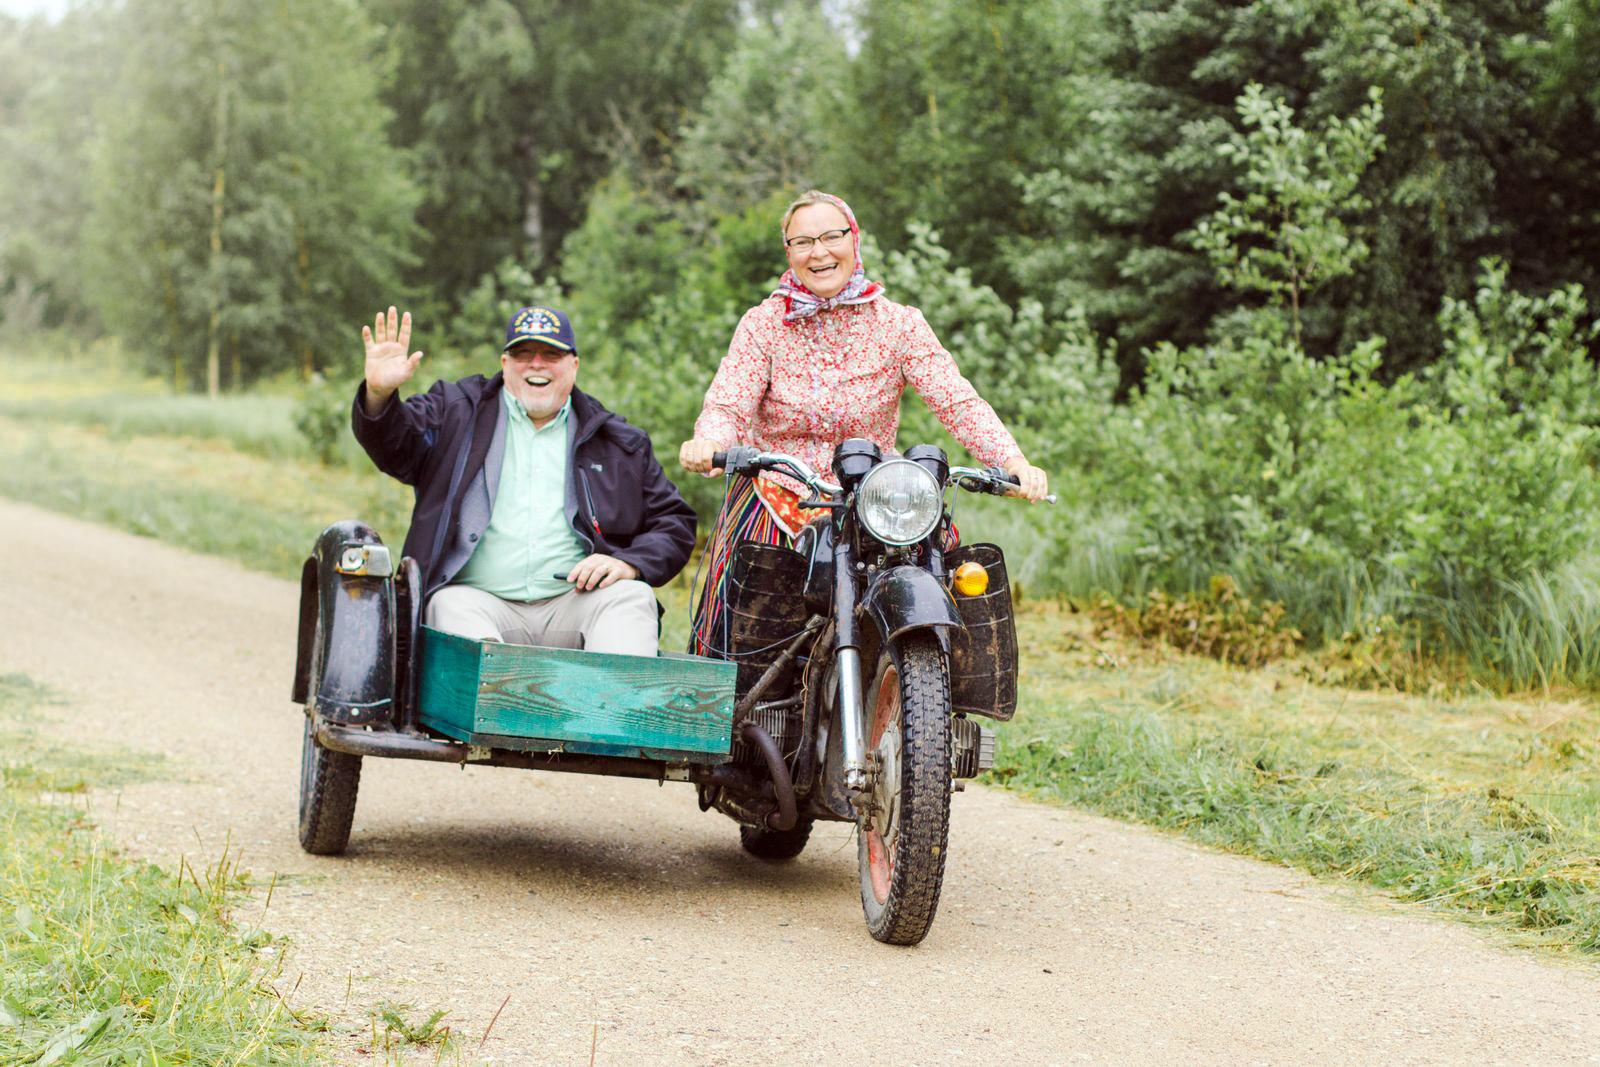 Смешную картинку, прикольные картинки с бабками и мотоциклами